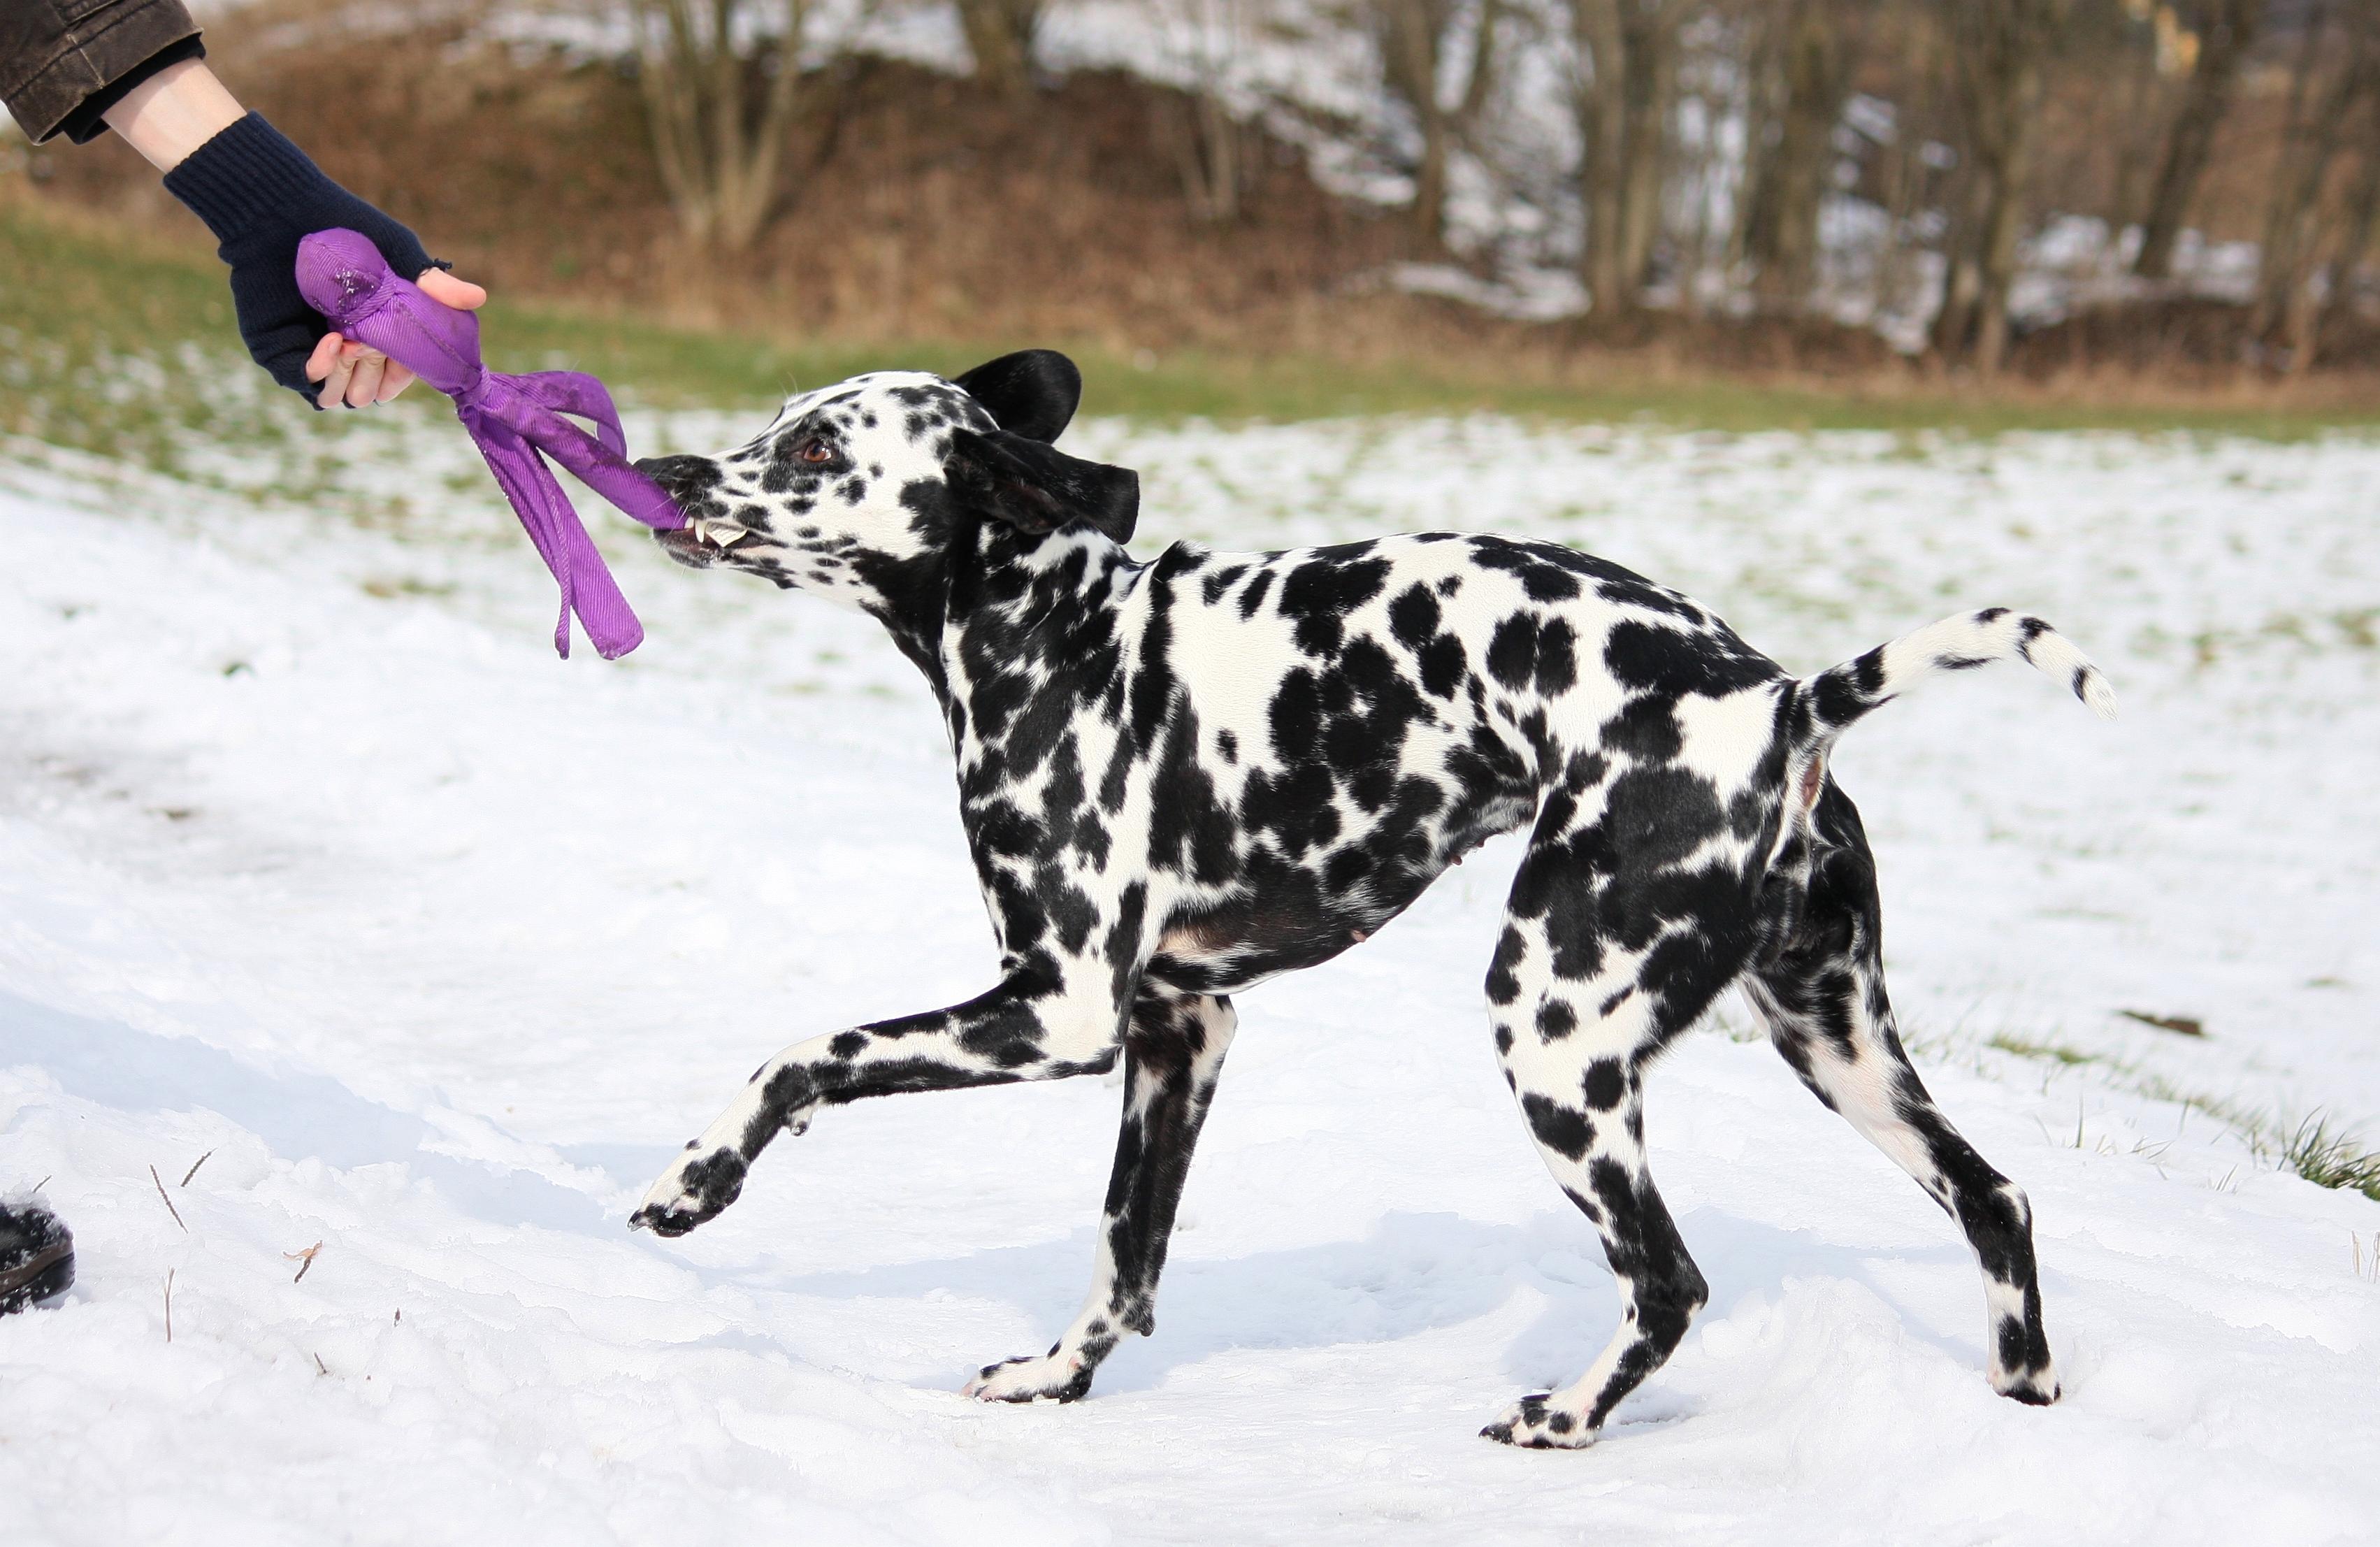 Hunde Sachen Kaufen : hundesachen einfach selber machen von alina kl glich hinrichs und sibylle str bele ~ Watch28wear.com Haus und Dekorationen